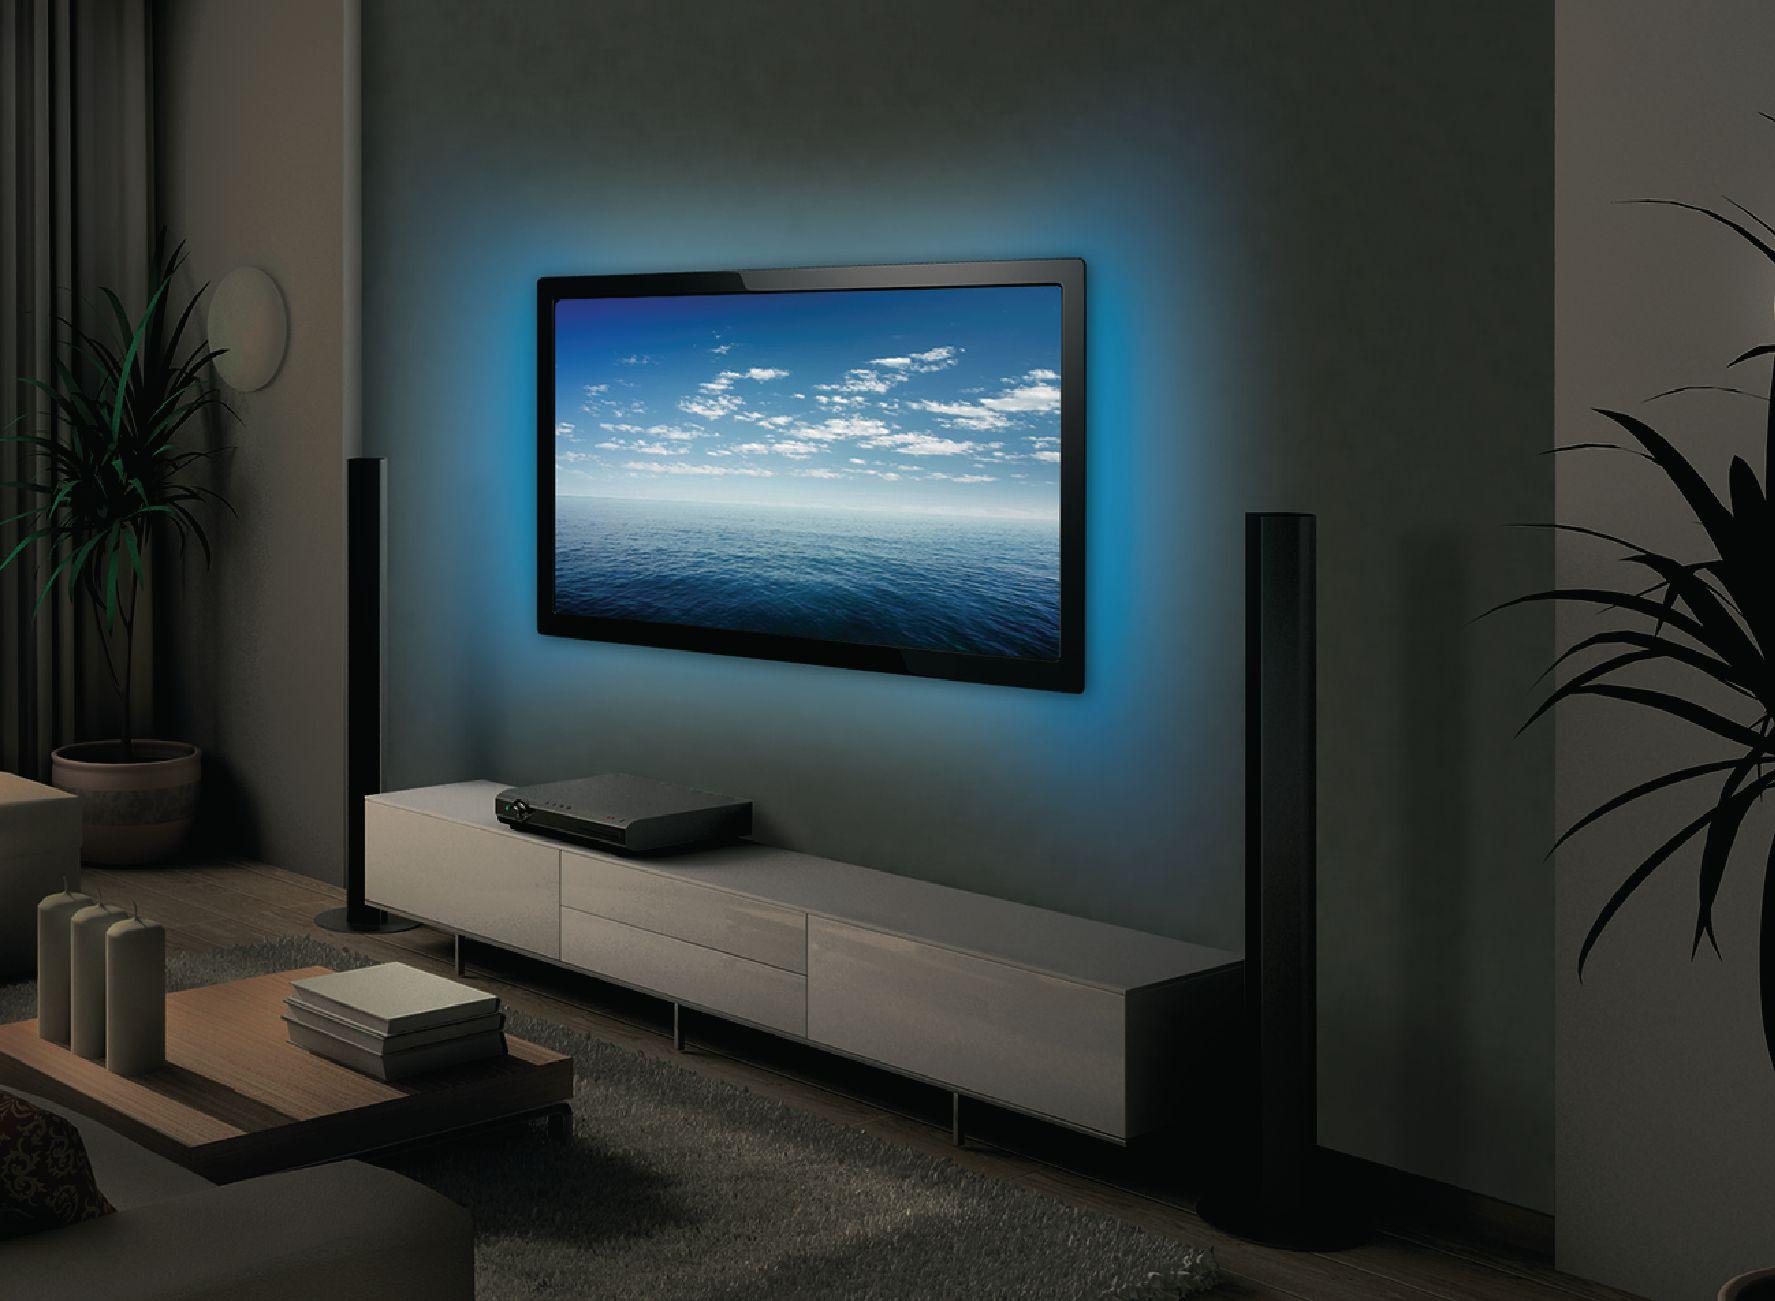 Luz ambiental mediante usb para el televisor en 2 cintas - Embellecedores de luz ...